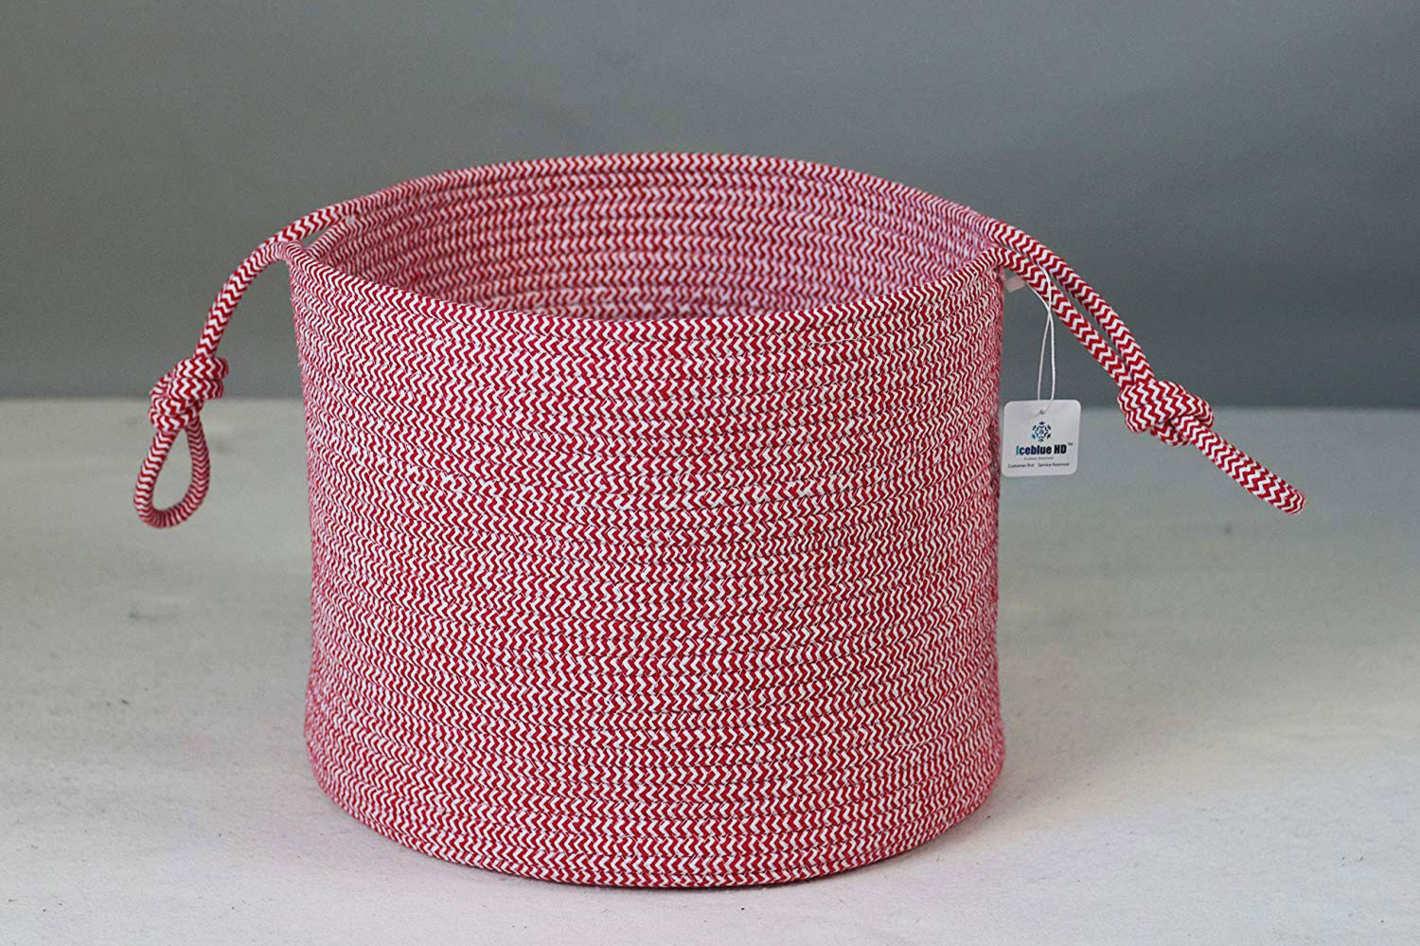 ICEBLUE Cotton Rope Laundry Basket